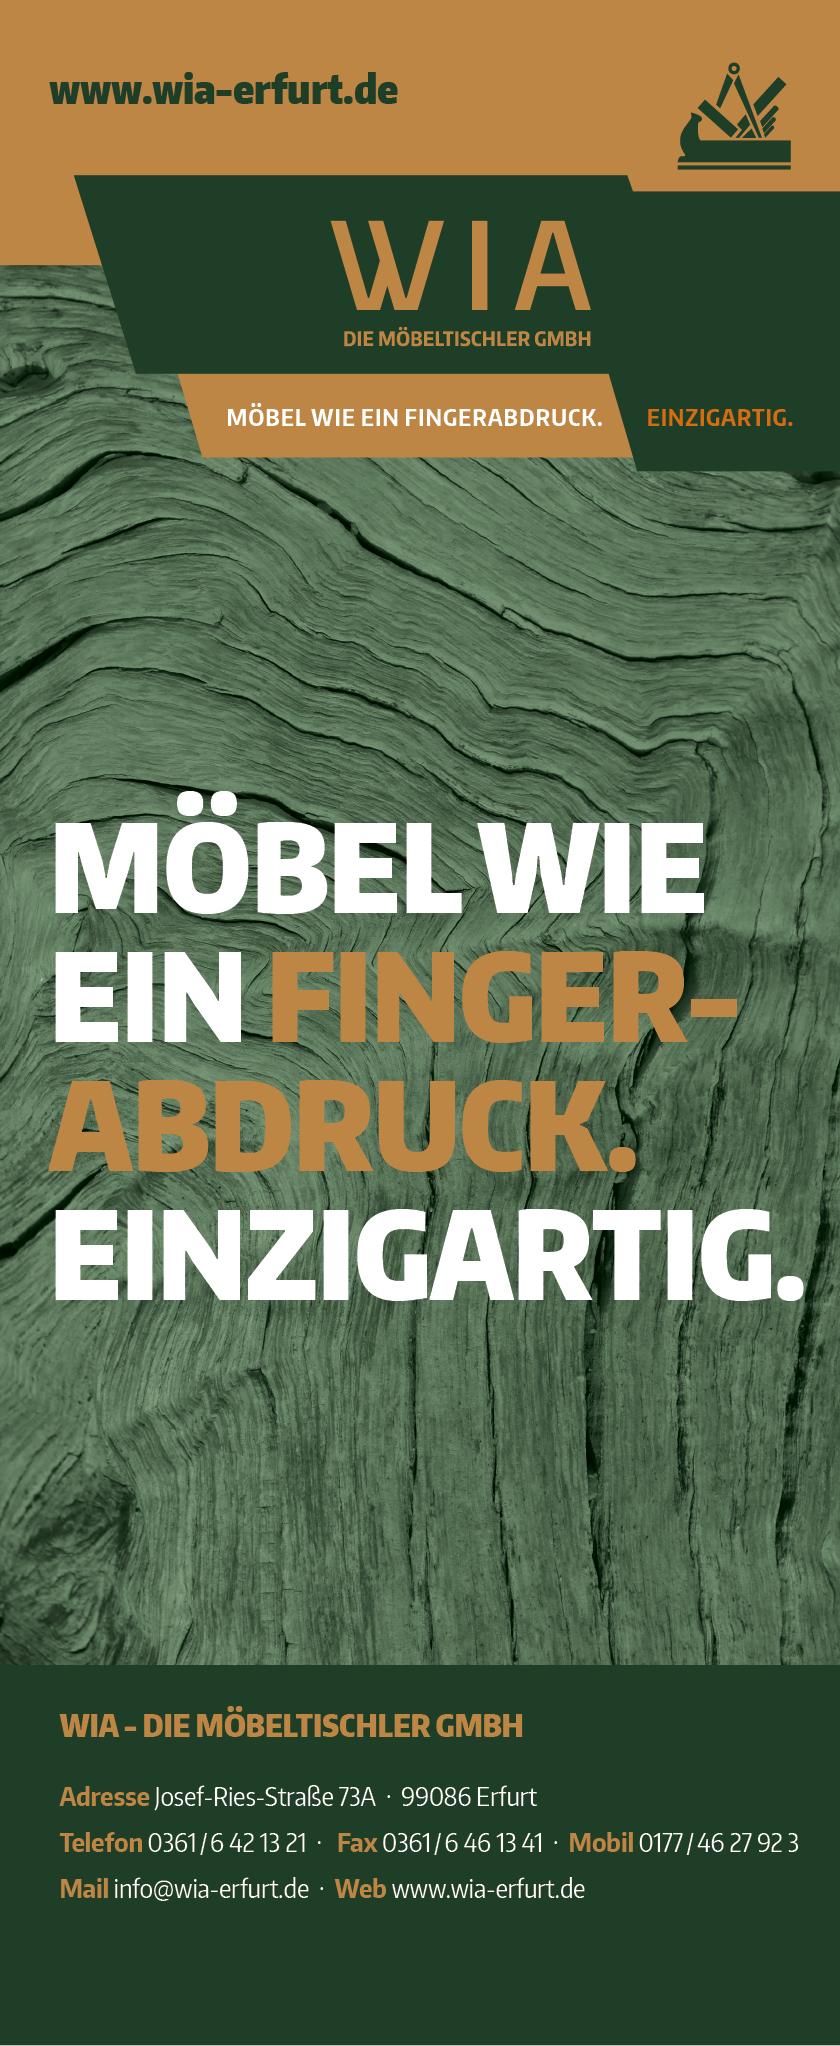 Samt&Seidel_Referenz_WIA Möbeltischler GmbH_Design_04